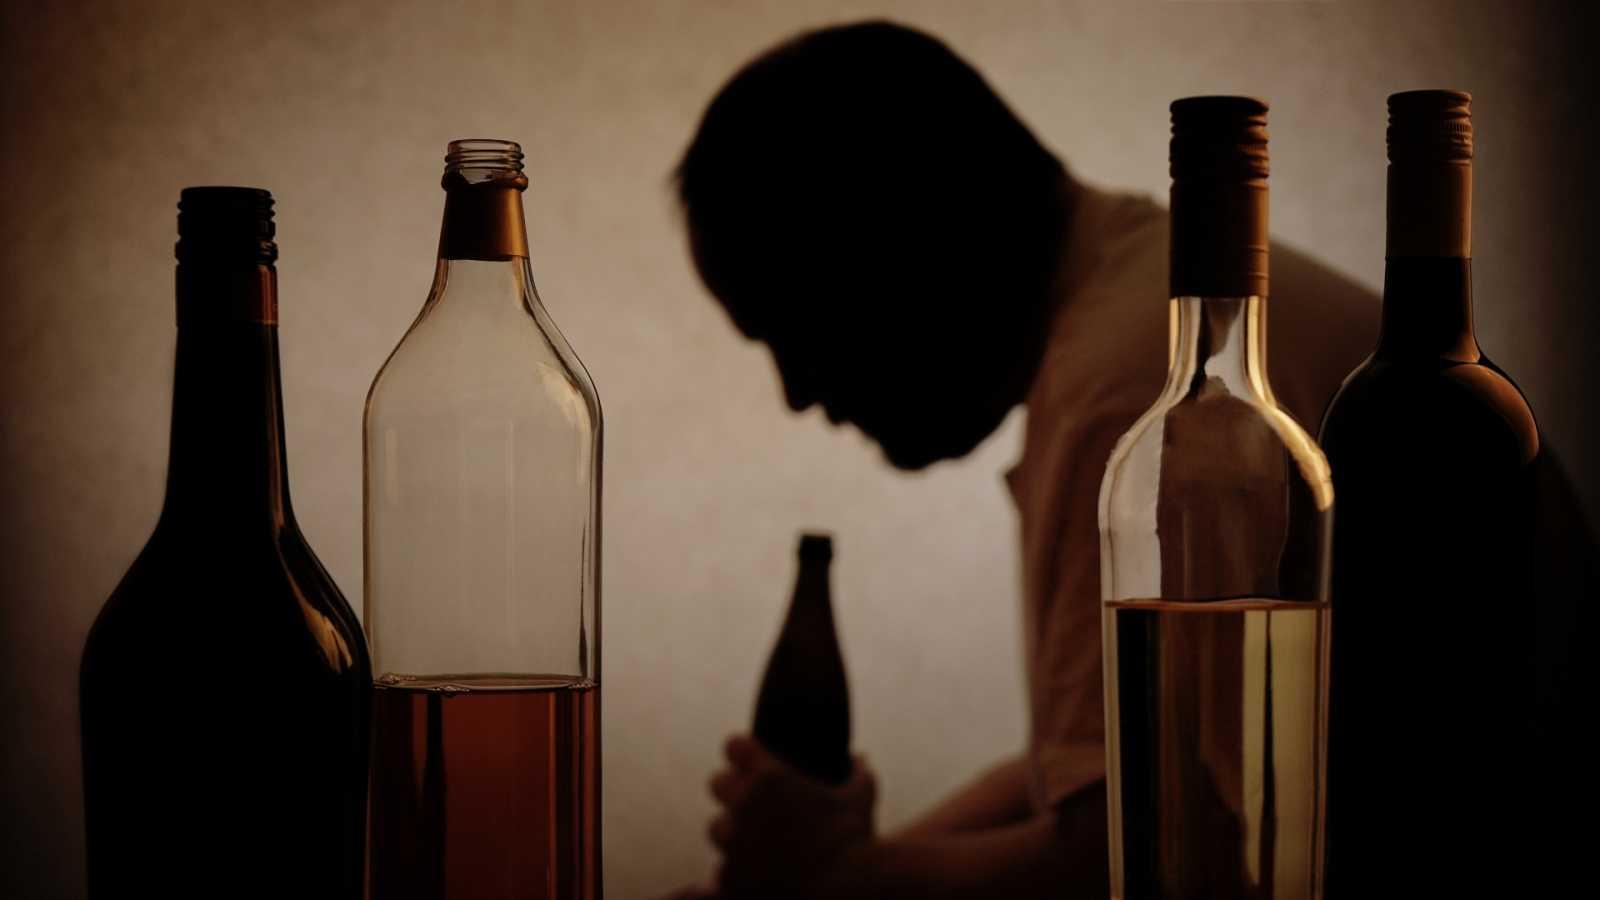 Adicciones - Alcohol y trabajo - 22/07/20 - Escuchar ahora